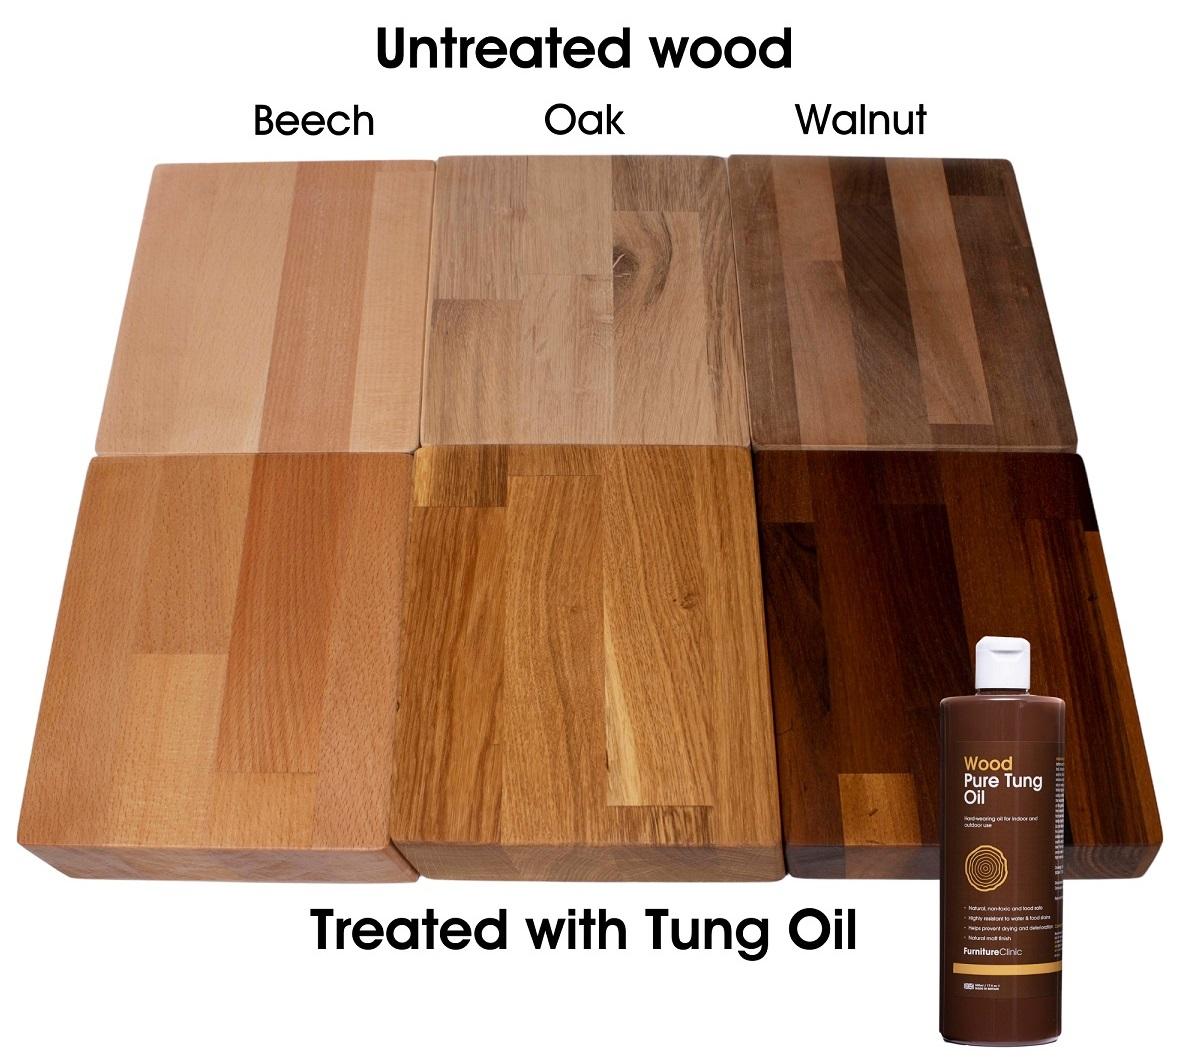 Tung Oil Comparison